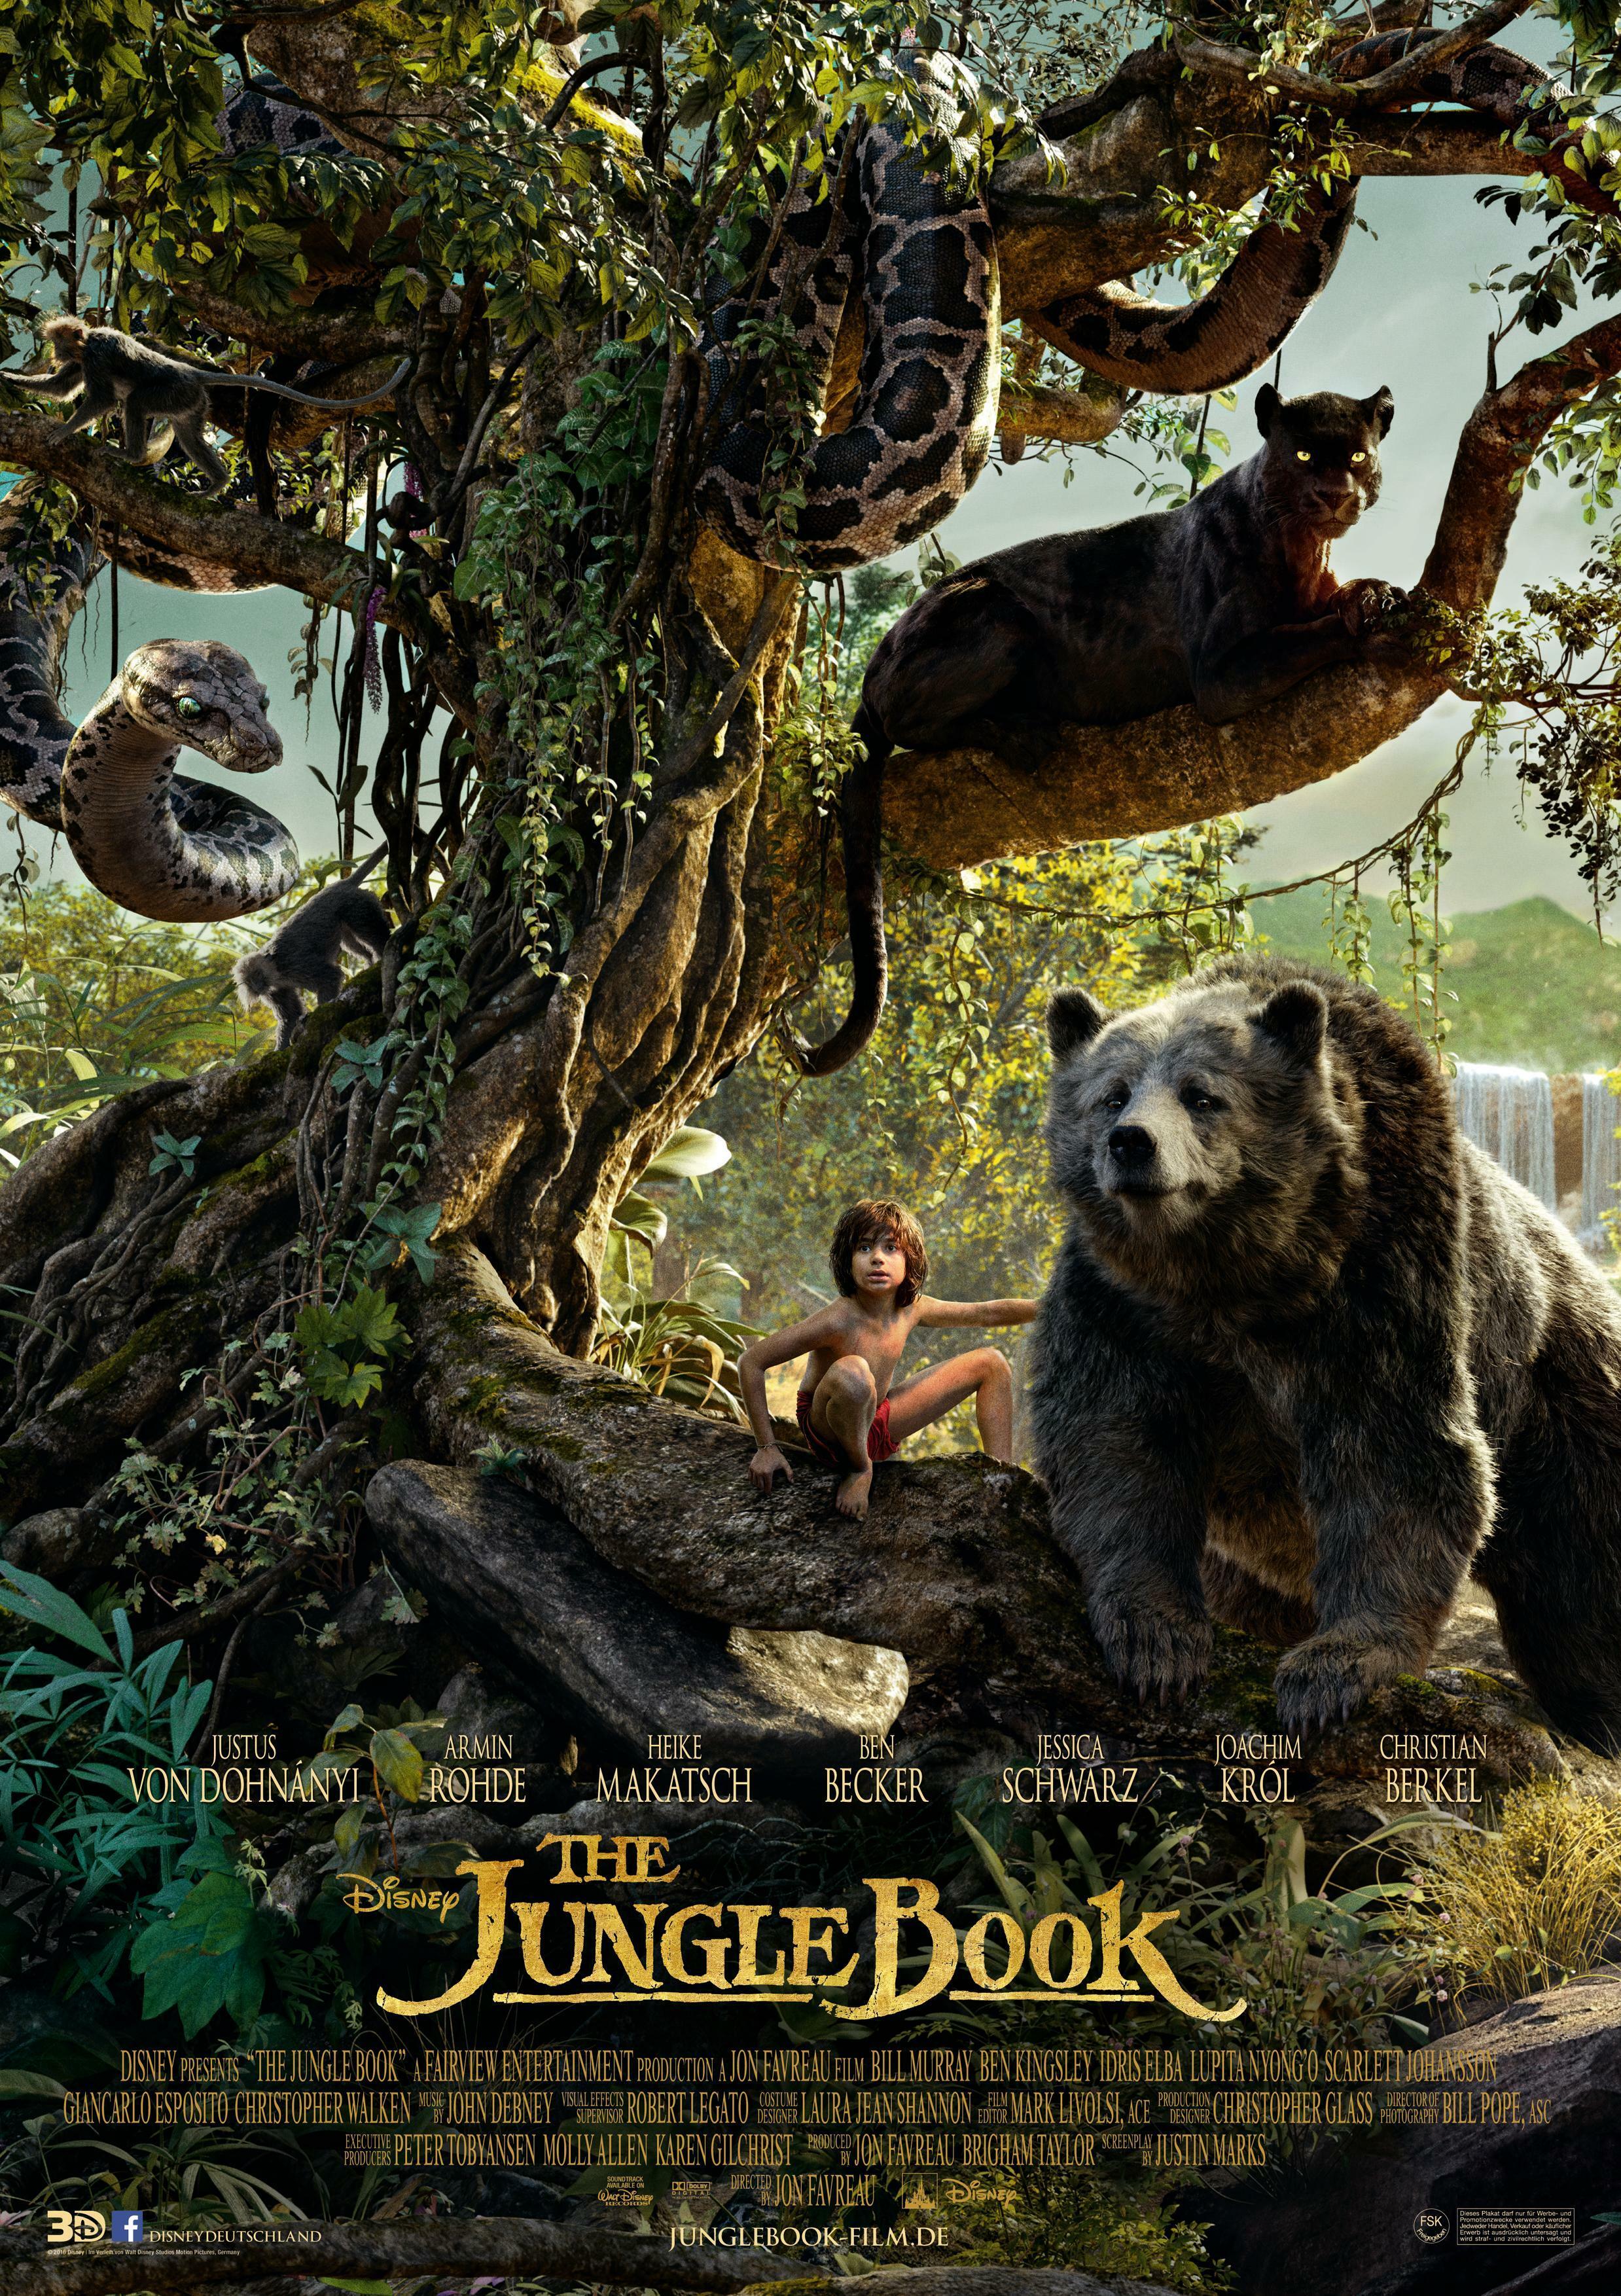 http://assets.cdn.moviepilot.de/files/2d3704900144a154f75a3d4e4c73ea1d7bffce350e678a947e55fdad99f4/jungle-book-poster-02.jpg